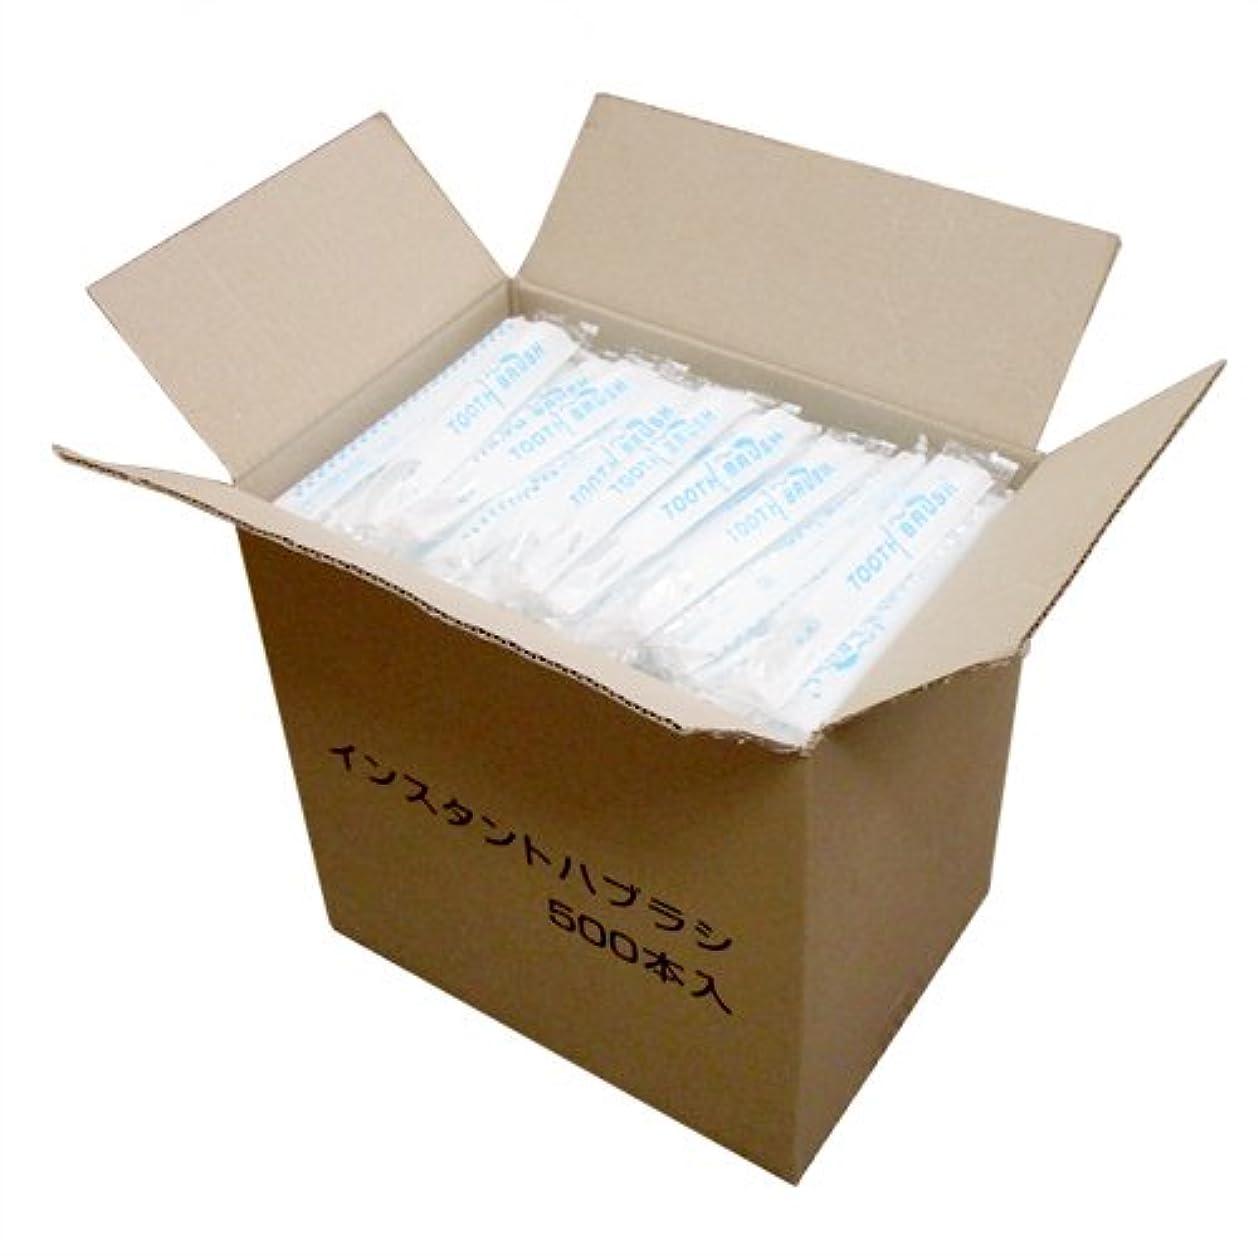 迫害する奪う歴史的業務用 日本製 使い捨て粉付き歯ブラシ 個包装タイプ 500本入×8箱 (4000本入)│ホテルアメニティ